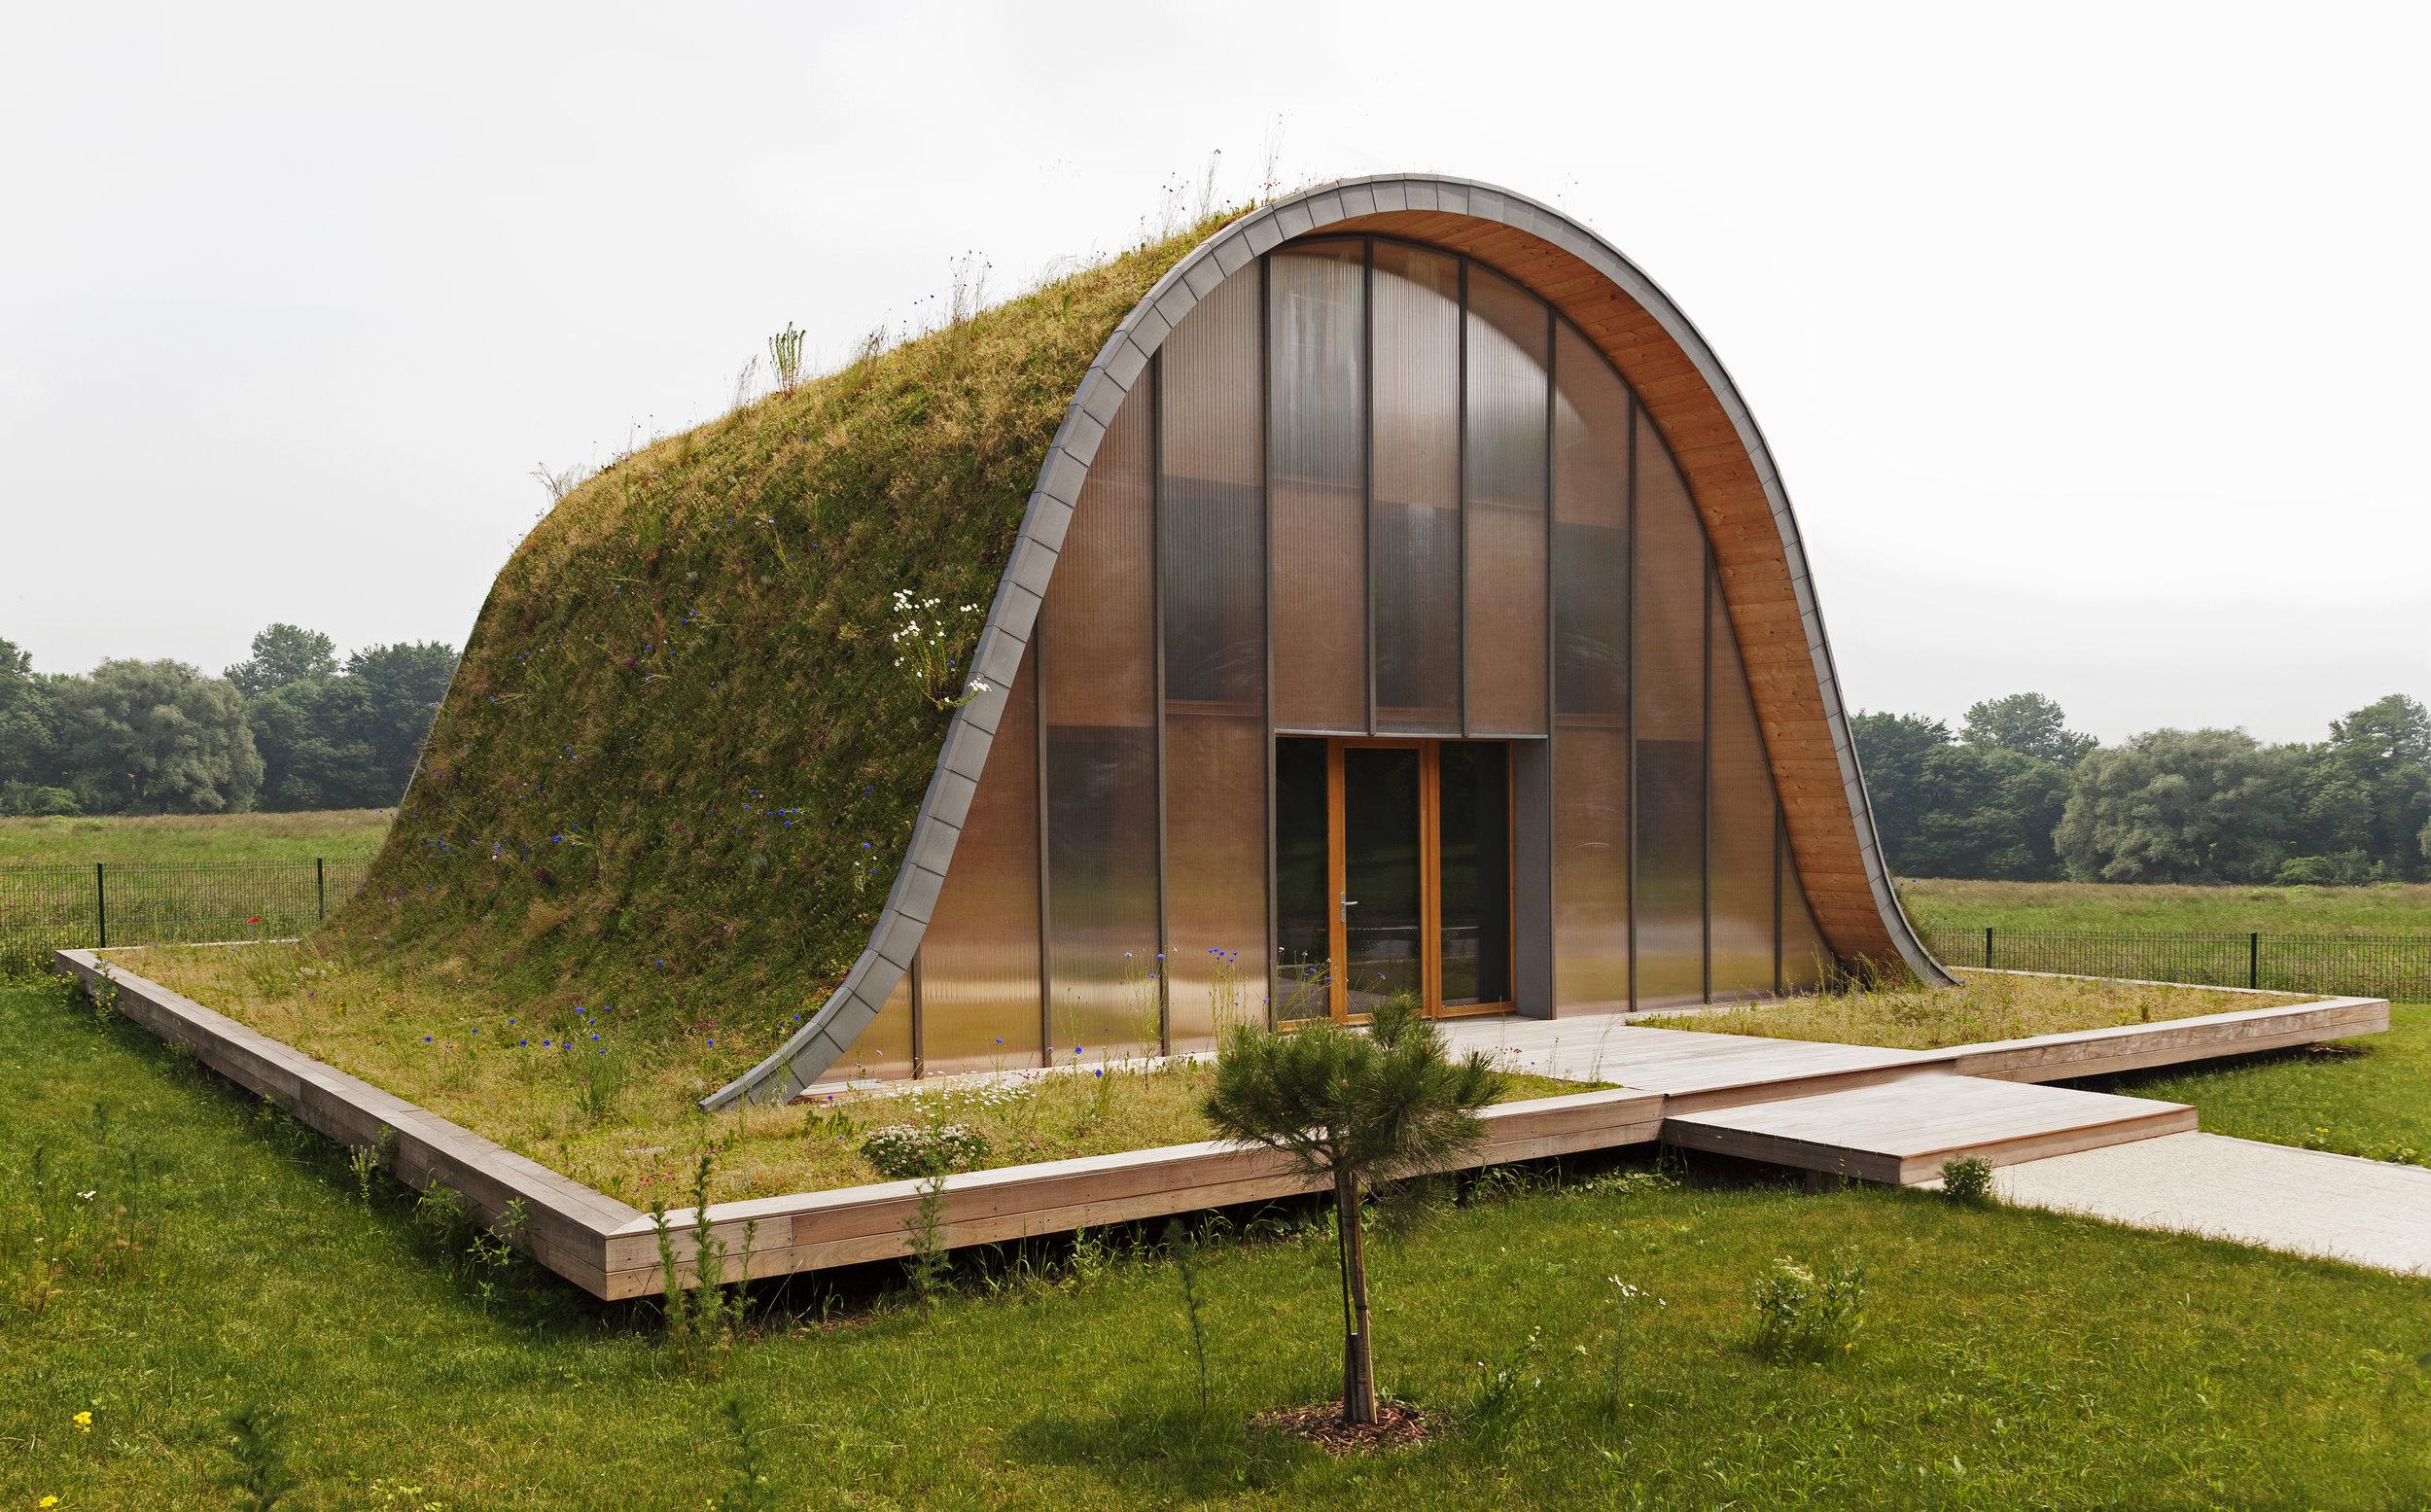 La maison-vague construite en 2013, sur la commune de Sillery (51) ©Ternisien